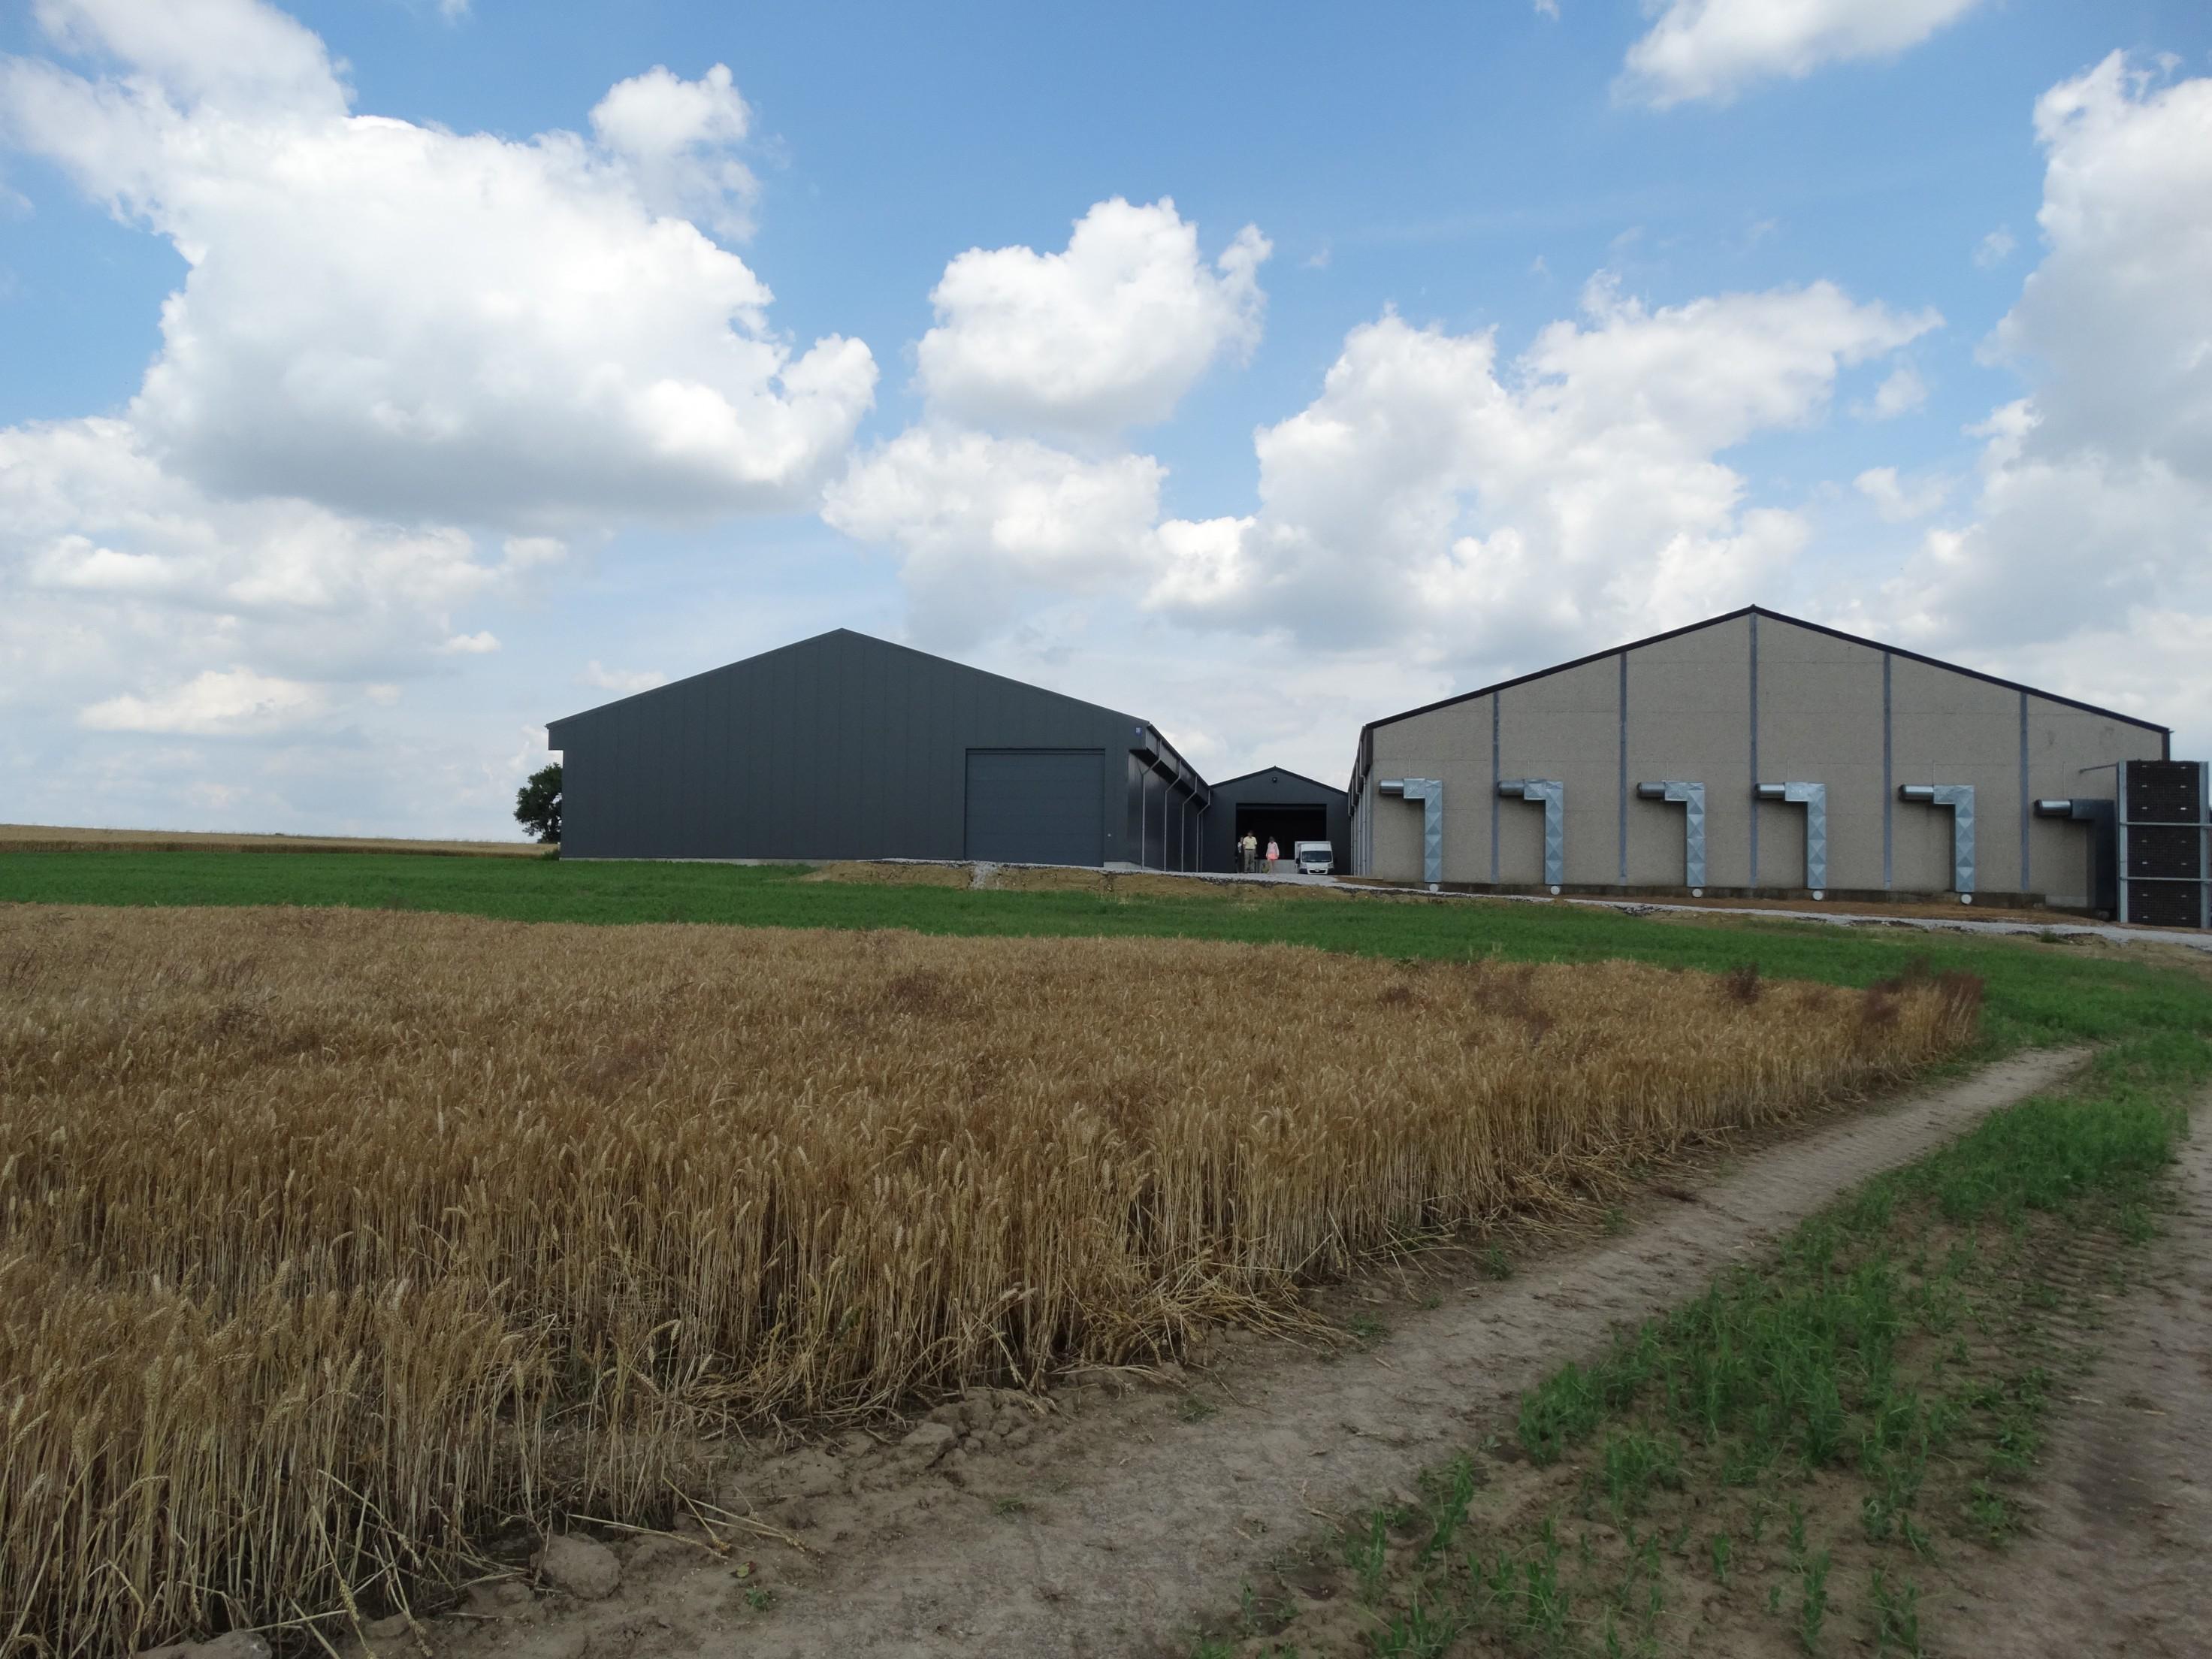 lefevre-Rosseignies-aardappelloods_hangar stockage pommes de terre (26)